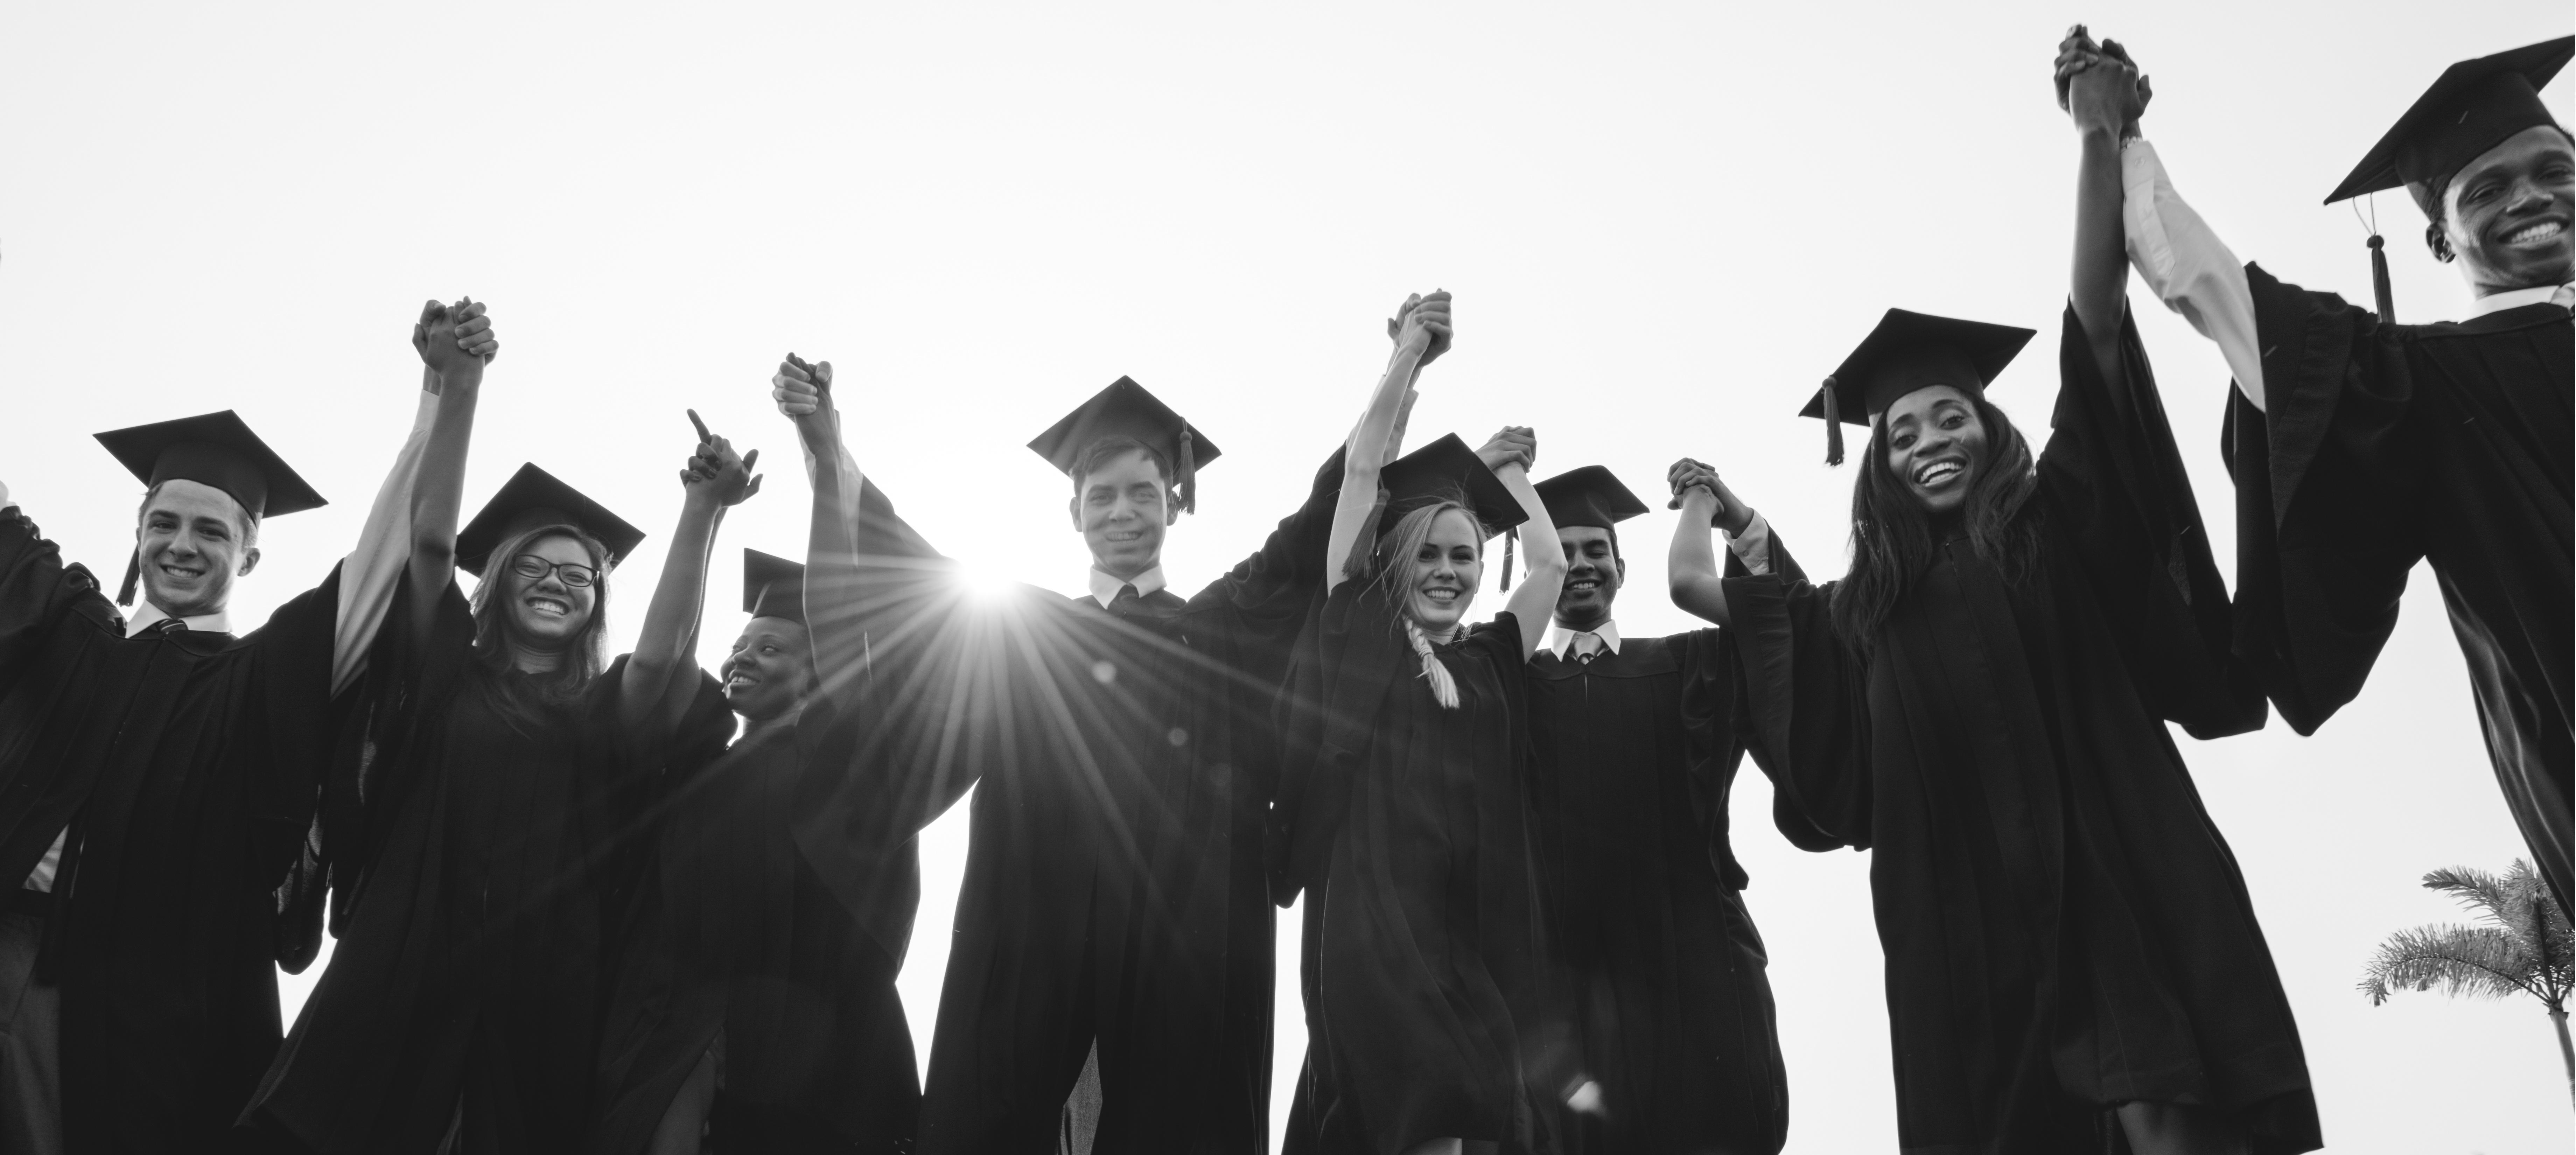 Graduation Achievement Student School College Concept